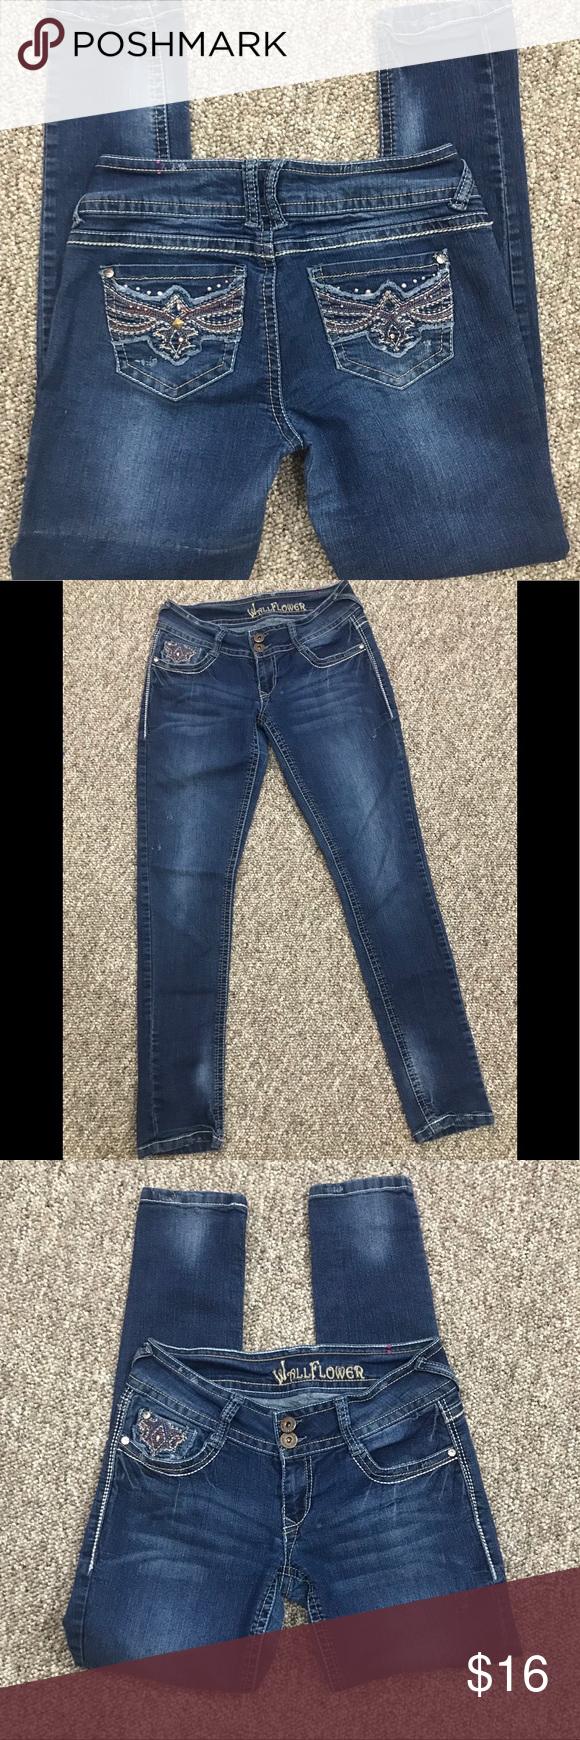 Wallflower Jeans Wallflower Jeans Skinny Jeans Clothes Design